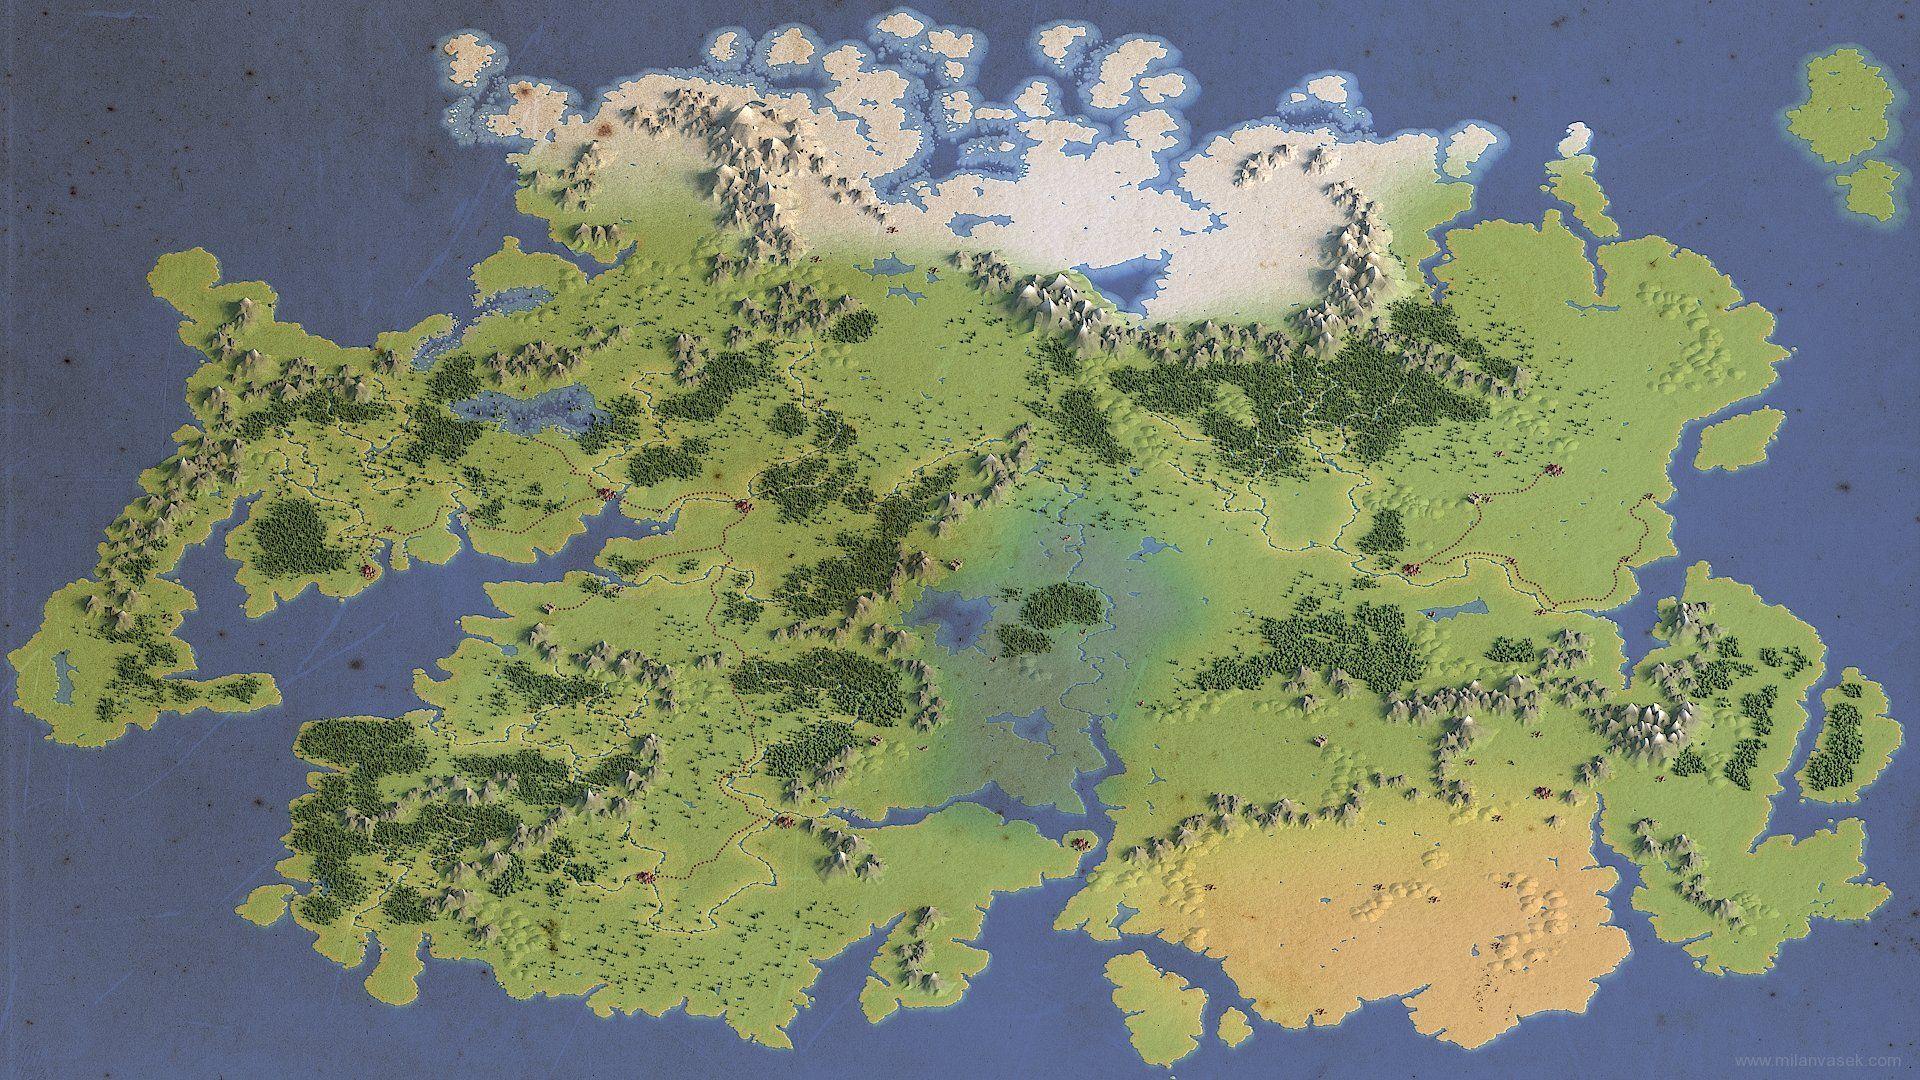 ArtStation - 3d fantasy map, Milan Vasek | Art in 2019